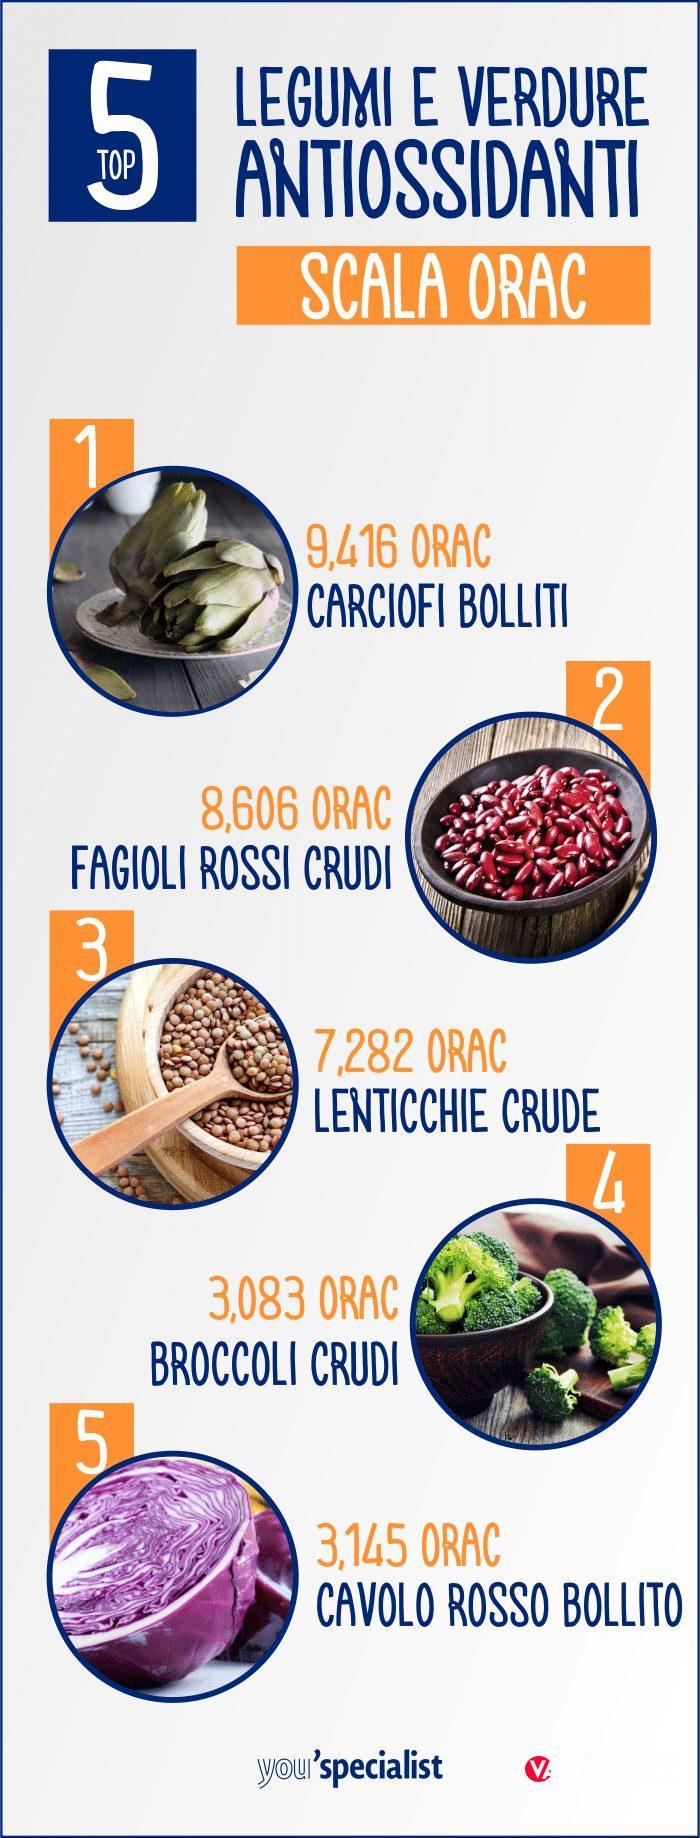 Antiossidanti: dove trovare i migliori?